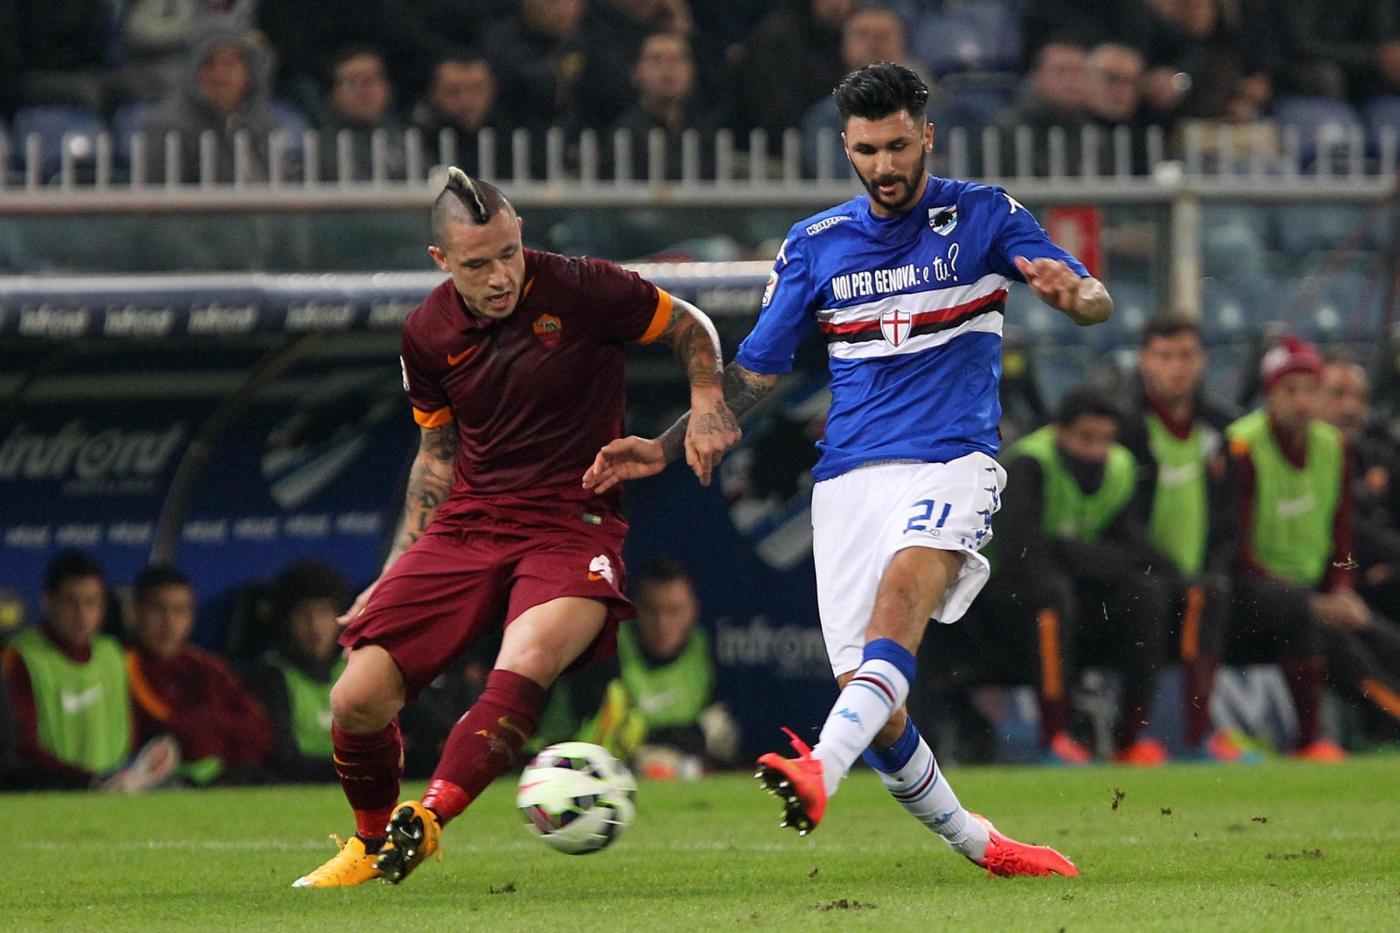 الأمطار تؤجل مباراة سمبدوريا وروما في الدوري الإيطالي